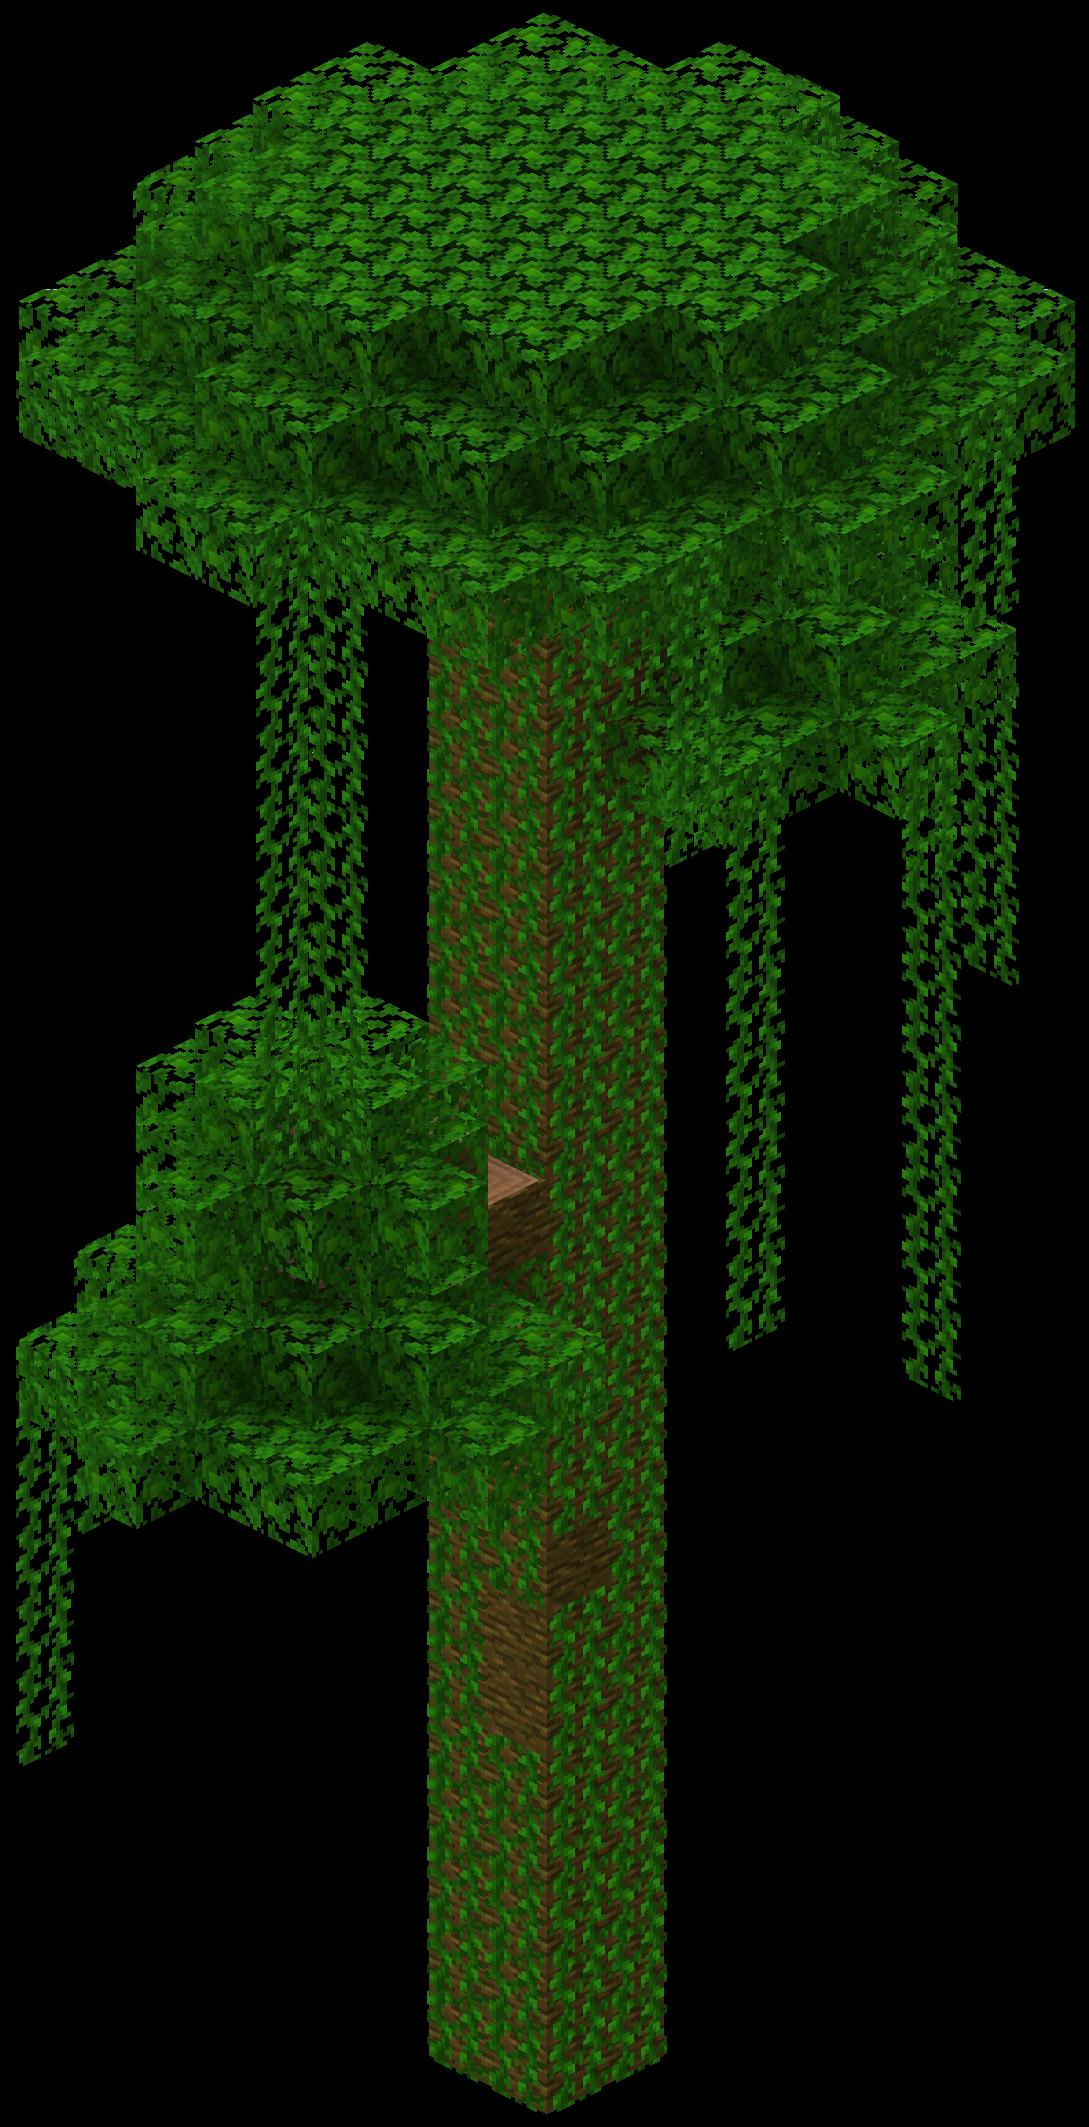 Jungle pinkarmy.net